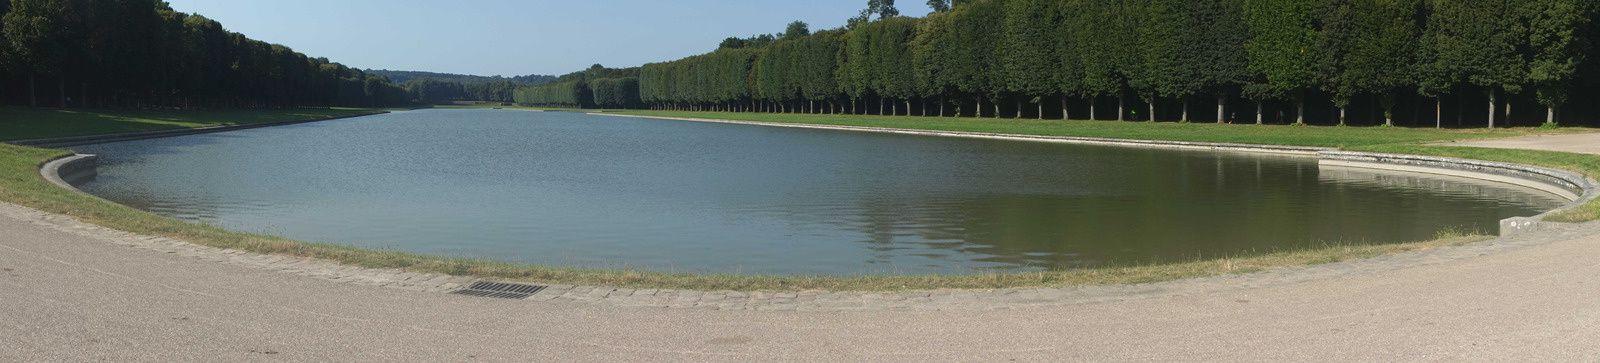 Versailles panorama XIII